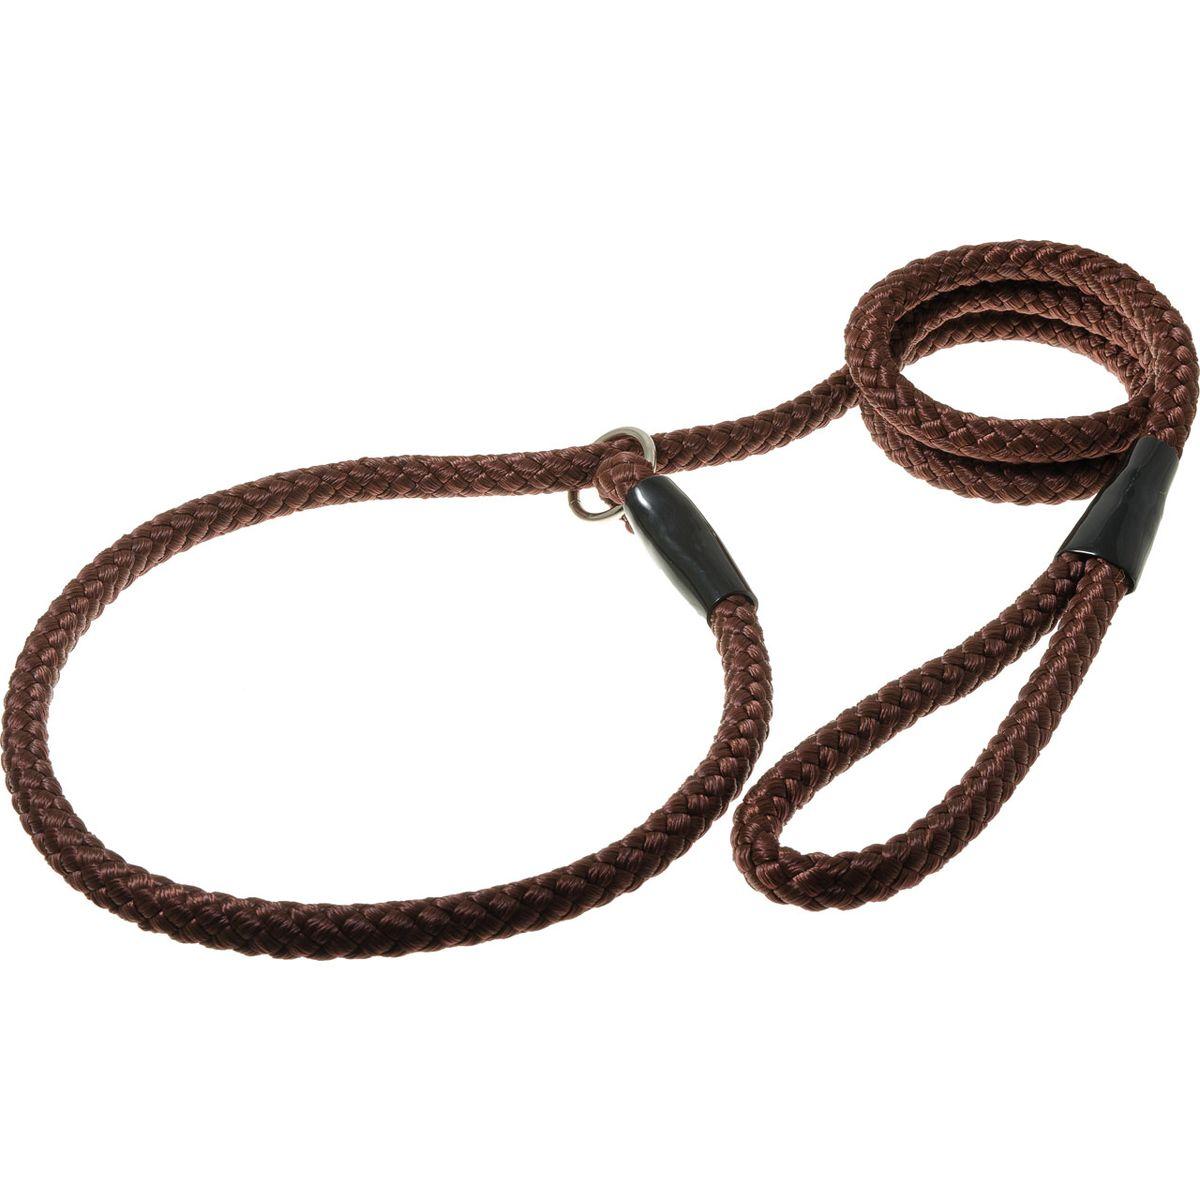 Поводок для собак V.I.Pet, цвет: коричневый, диаметр 12 мм, длина 1,7 м поводок для собак collar soft цвет коричневый диаметр 6 мм длина 1 83 м